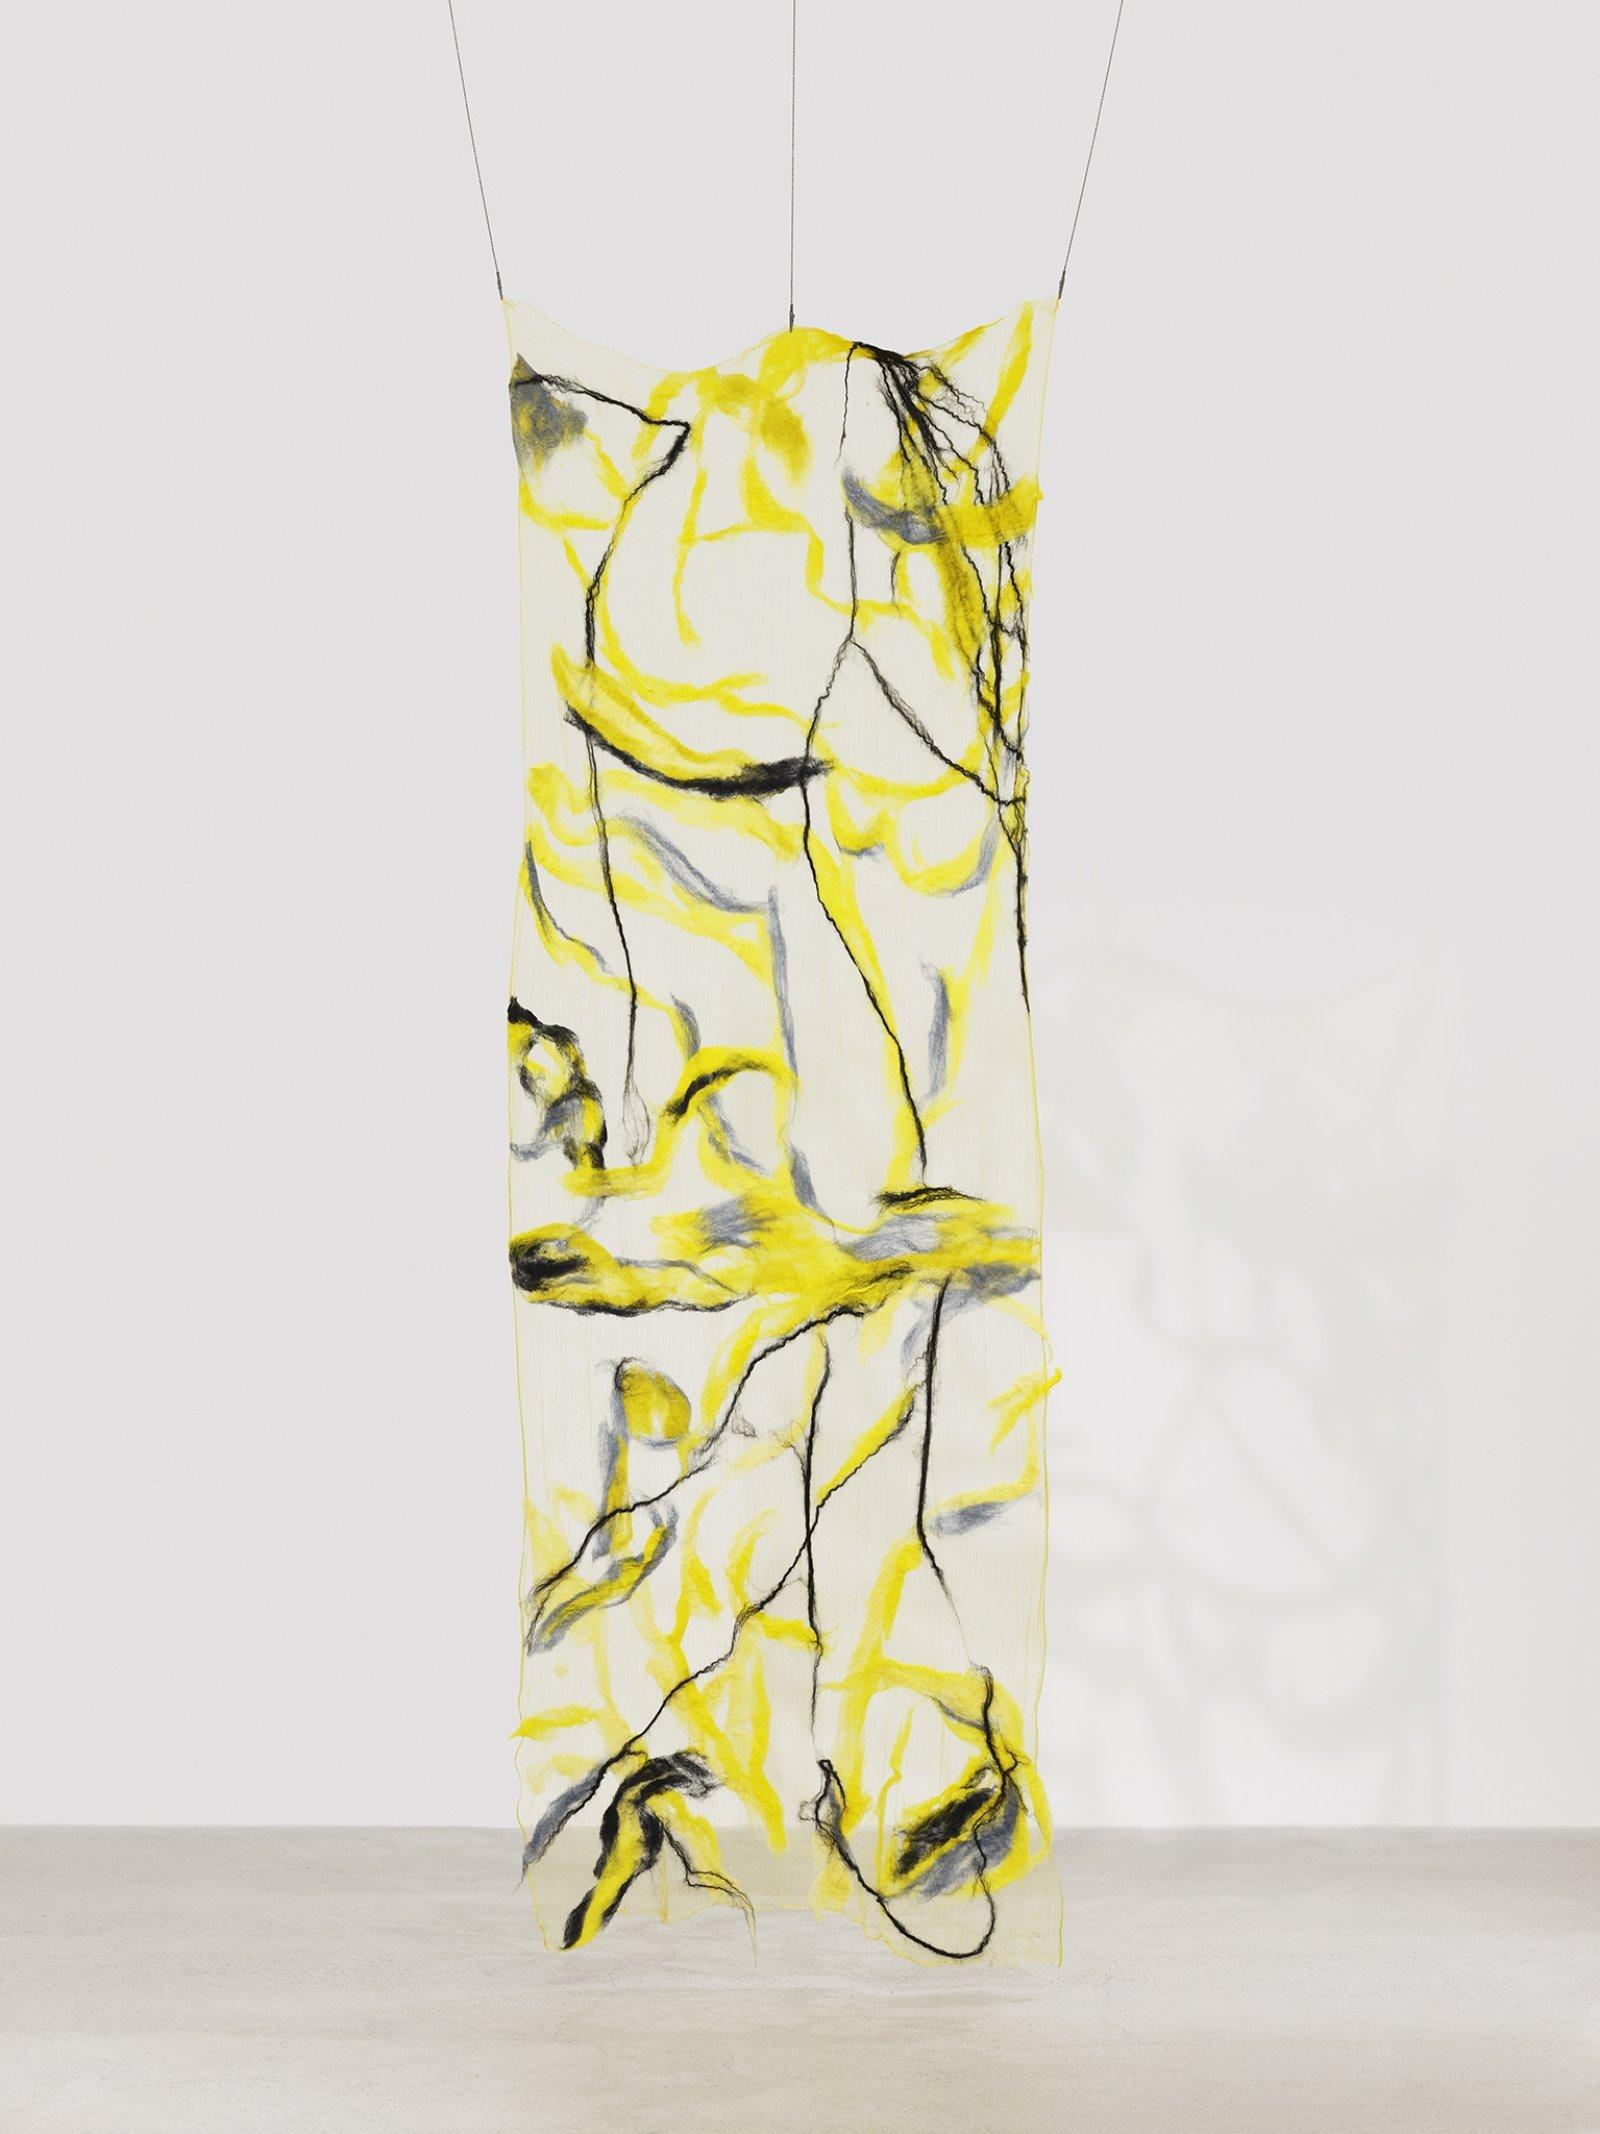 Rebecca Brewer, Scrim: Lush, 2019, silk, wool, ball chain, alligator clips, hooks, 113 x 39 in. (287 x 99 cm)